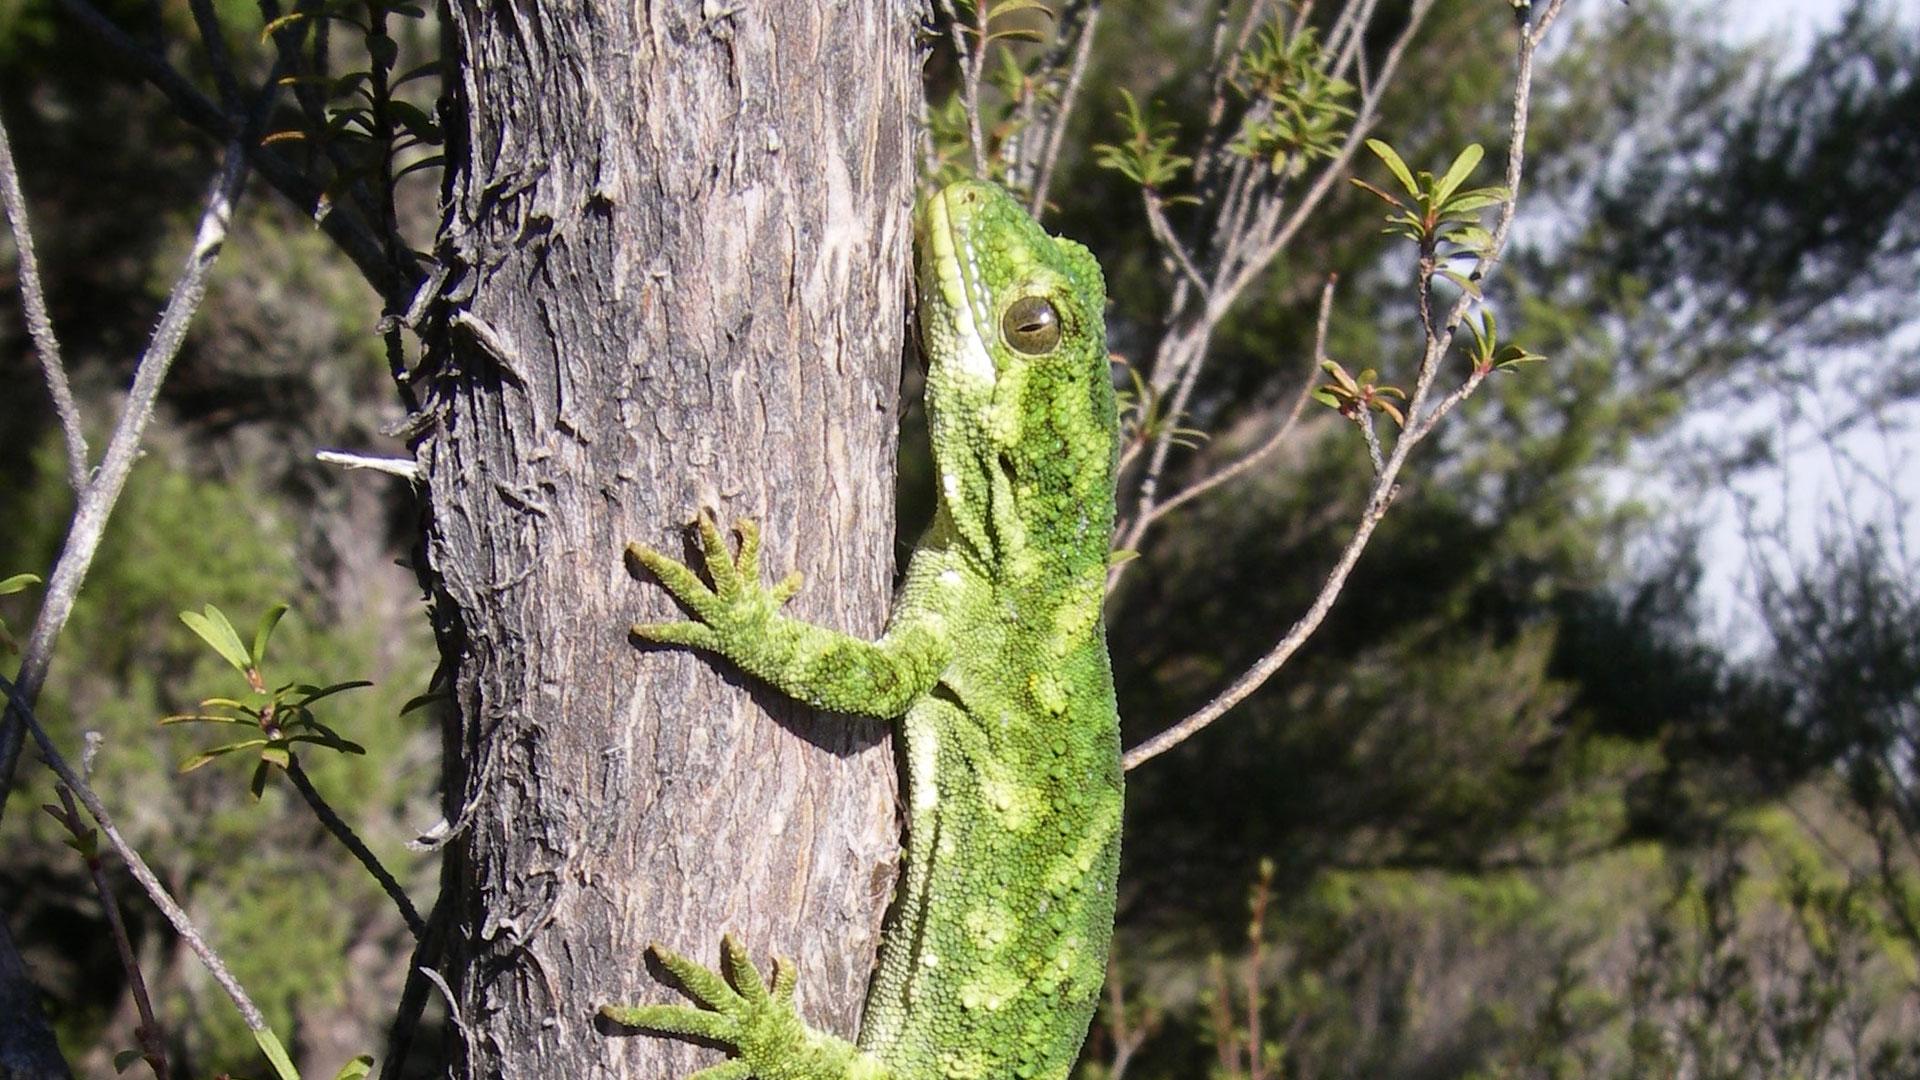 https://rfacdn.nz/zoo/assets/media/rough-gecko-gallery-2.jpg